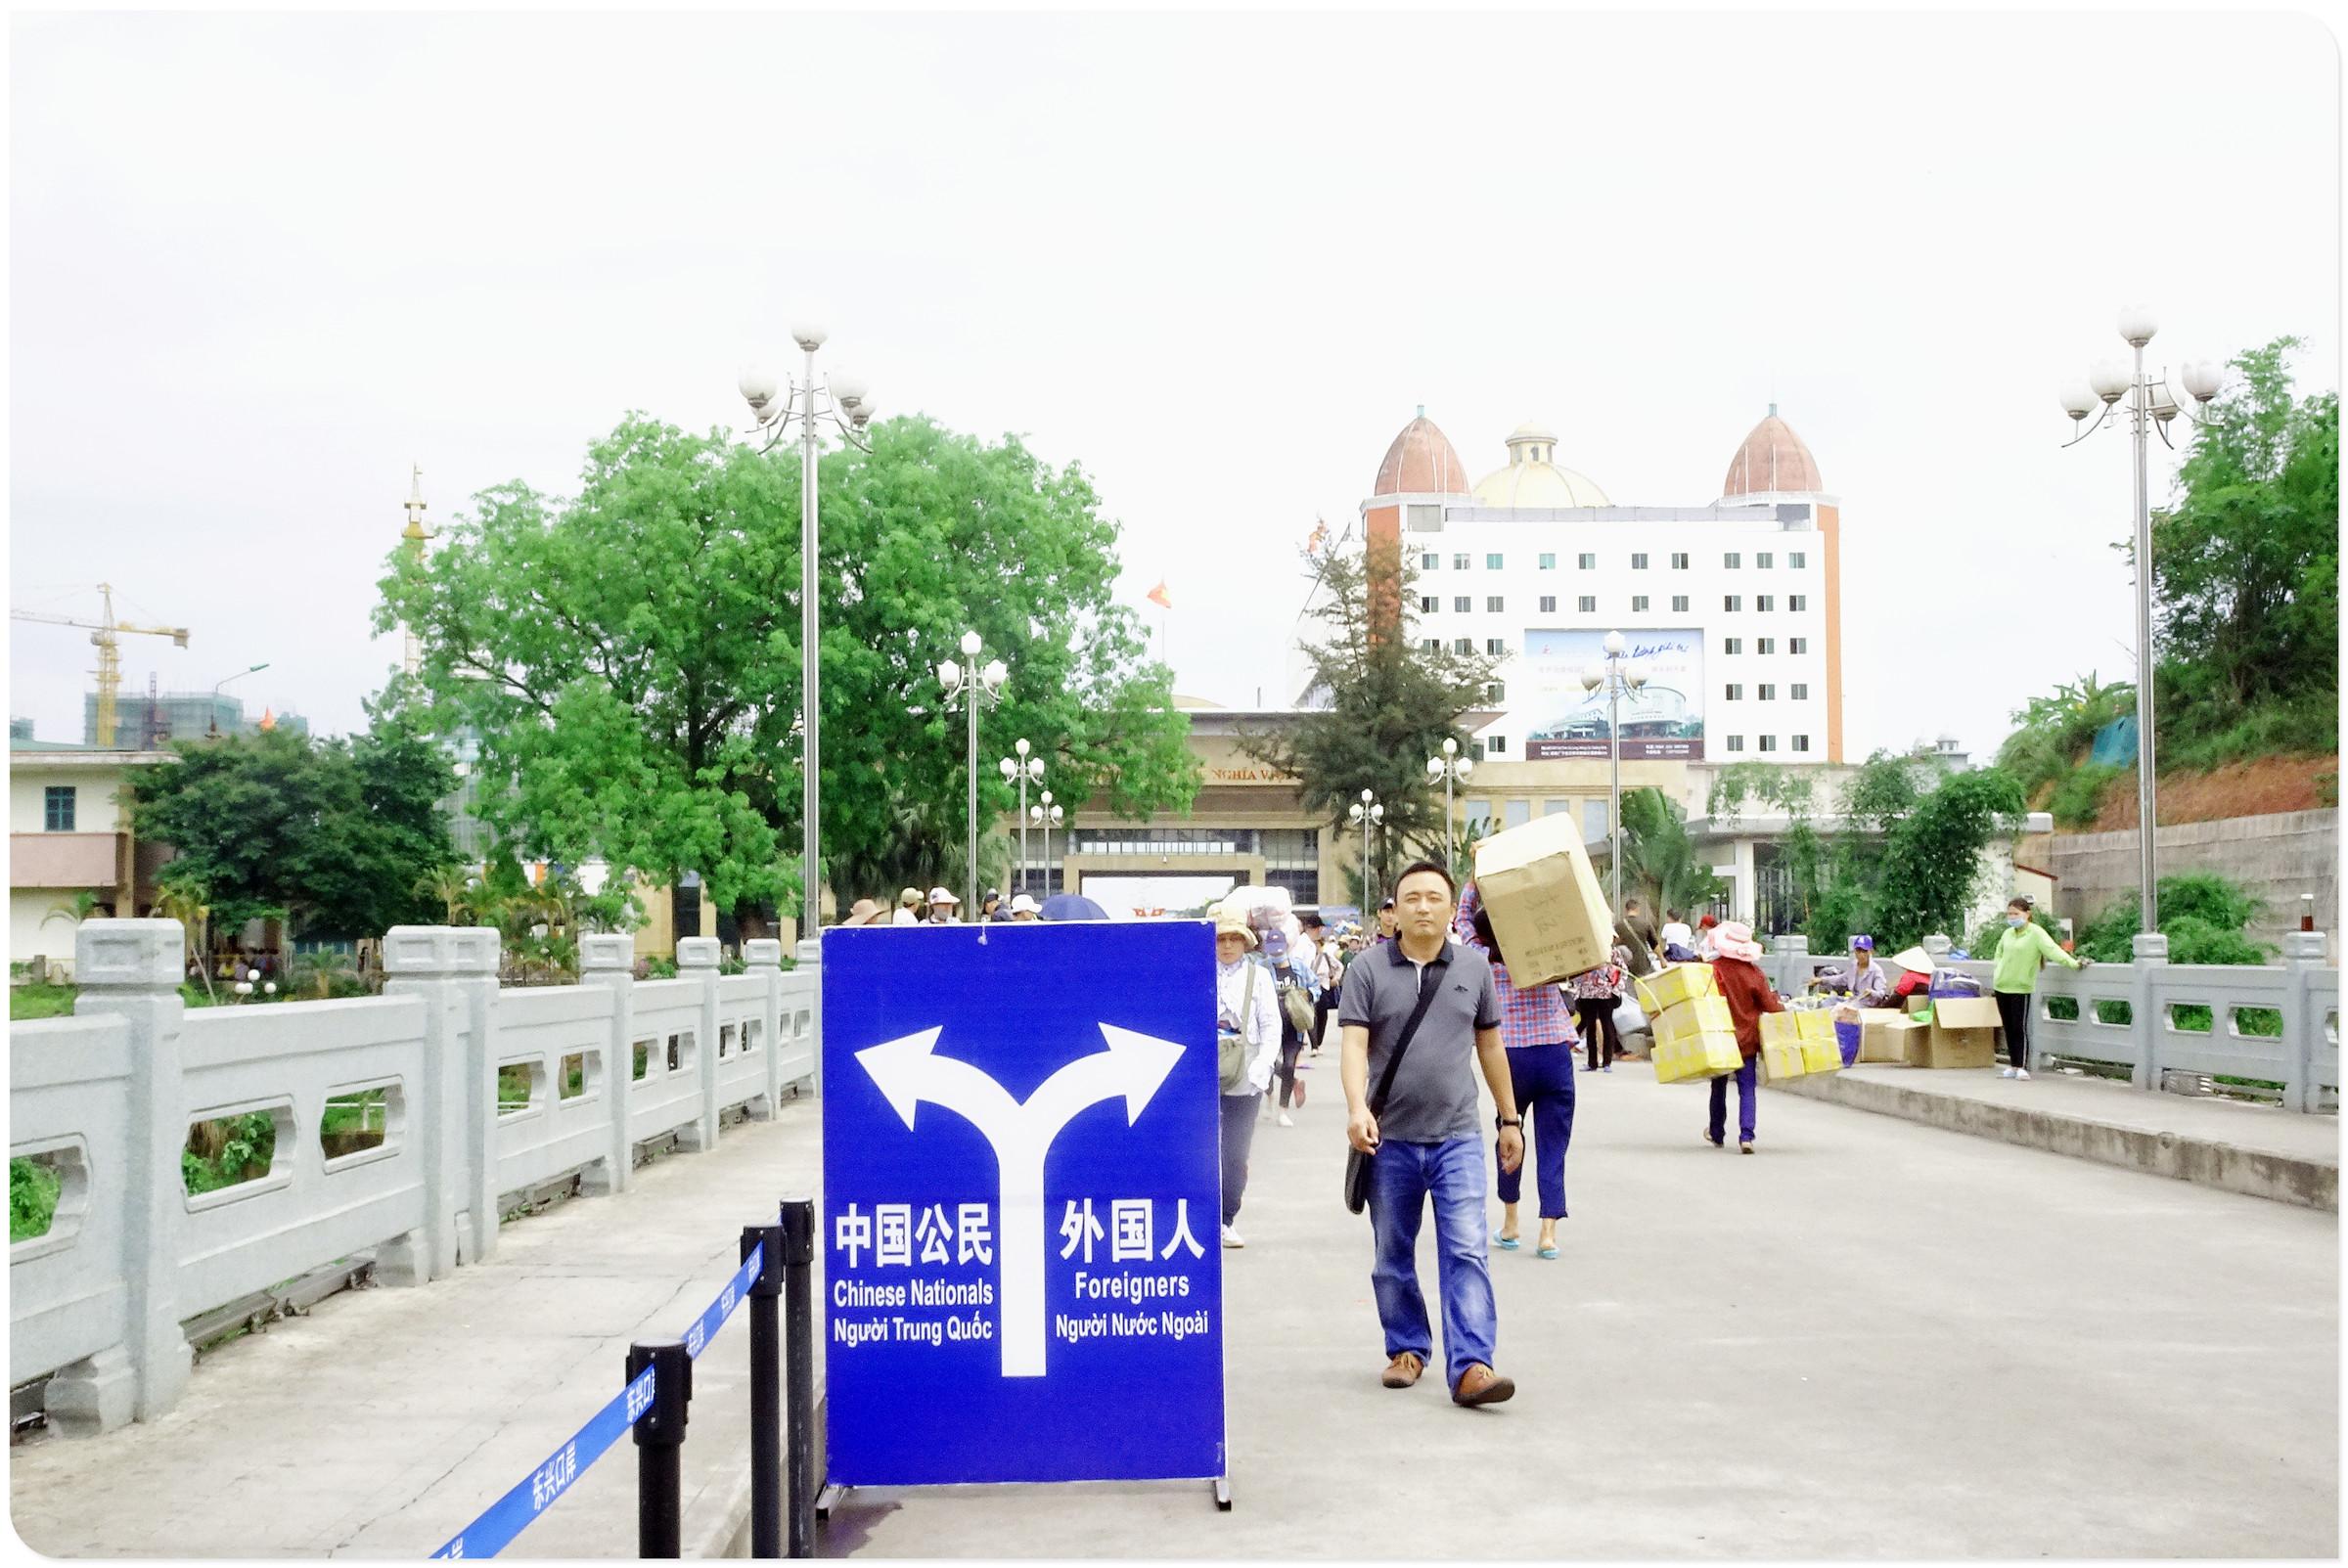 【南行记】繁忙的中越友谊桥